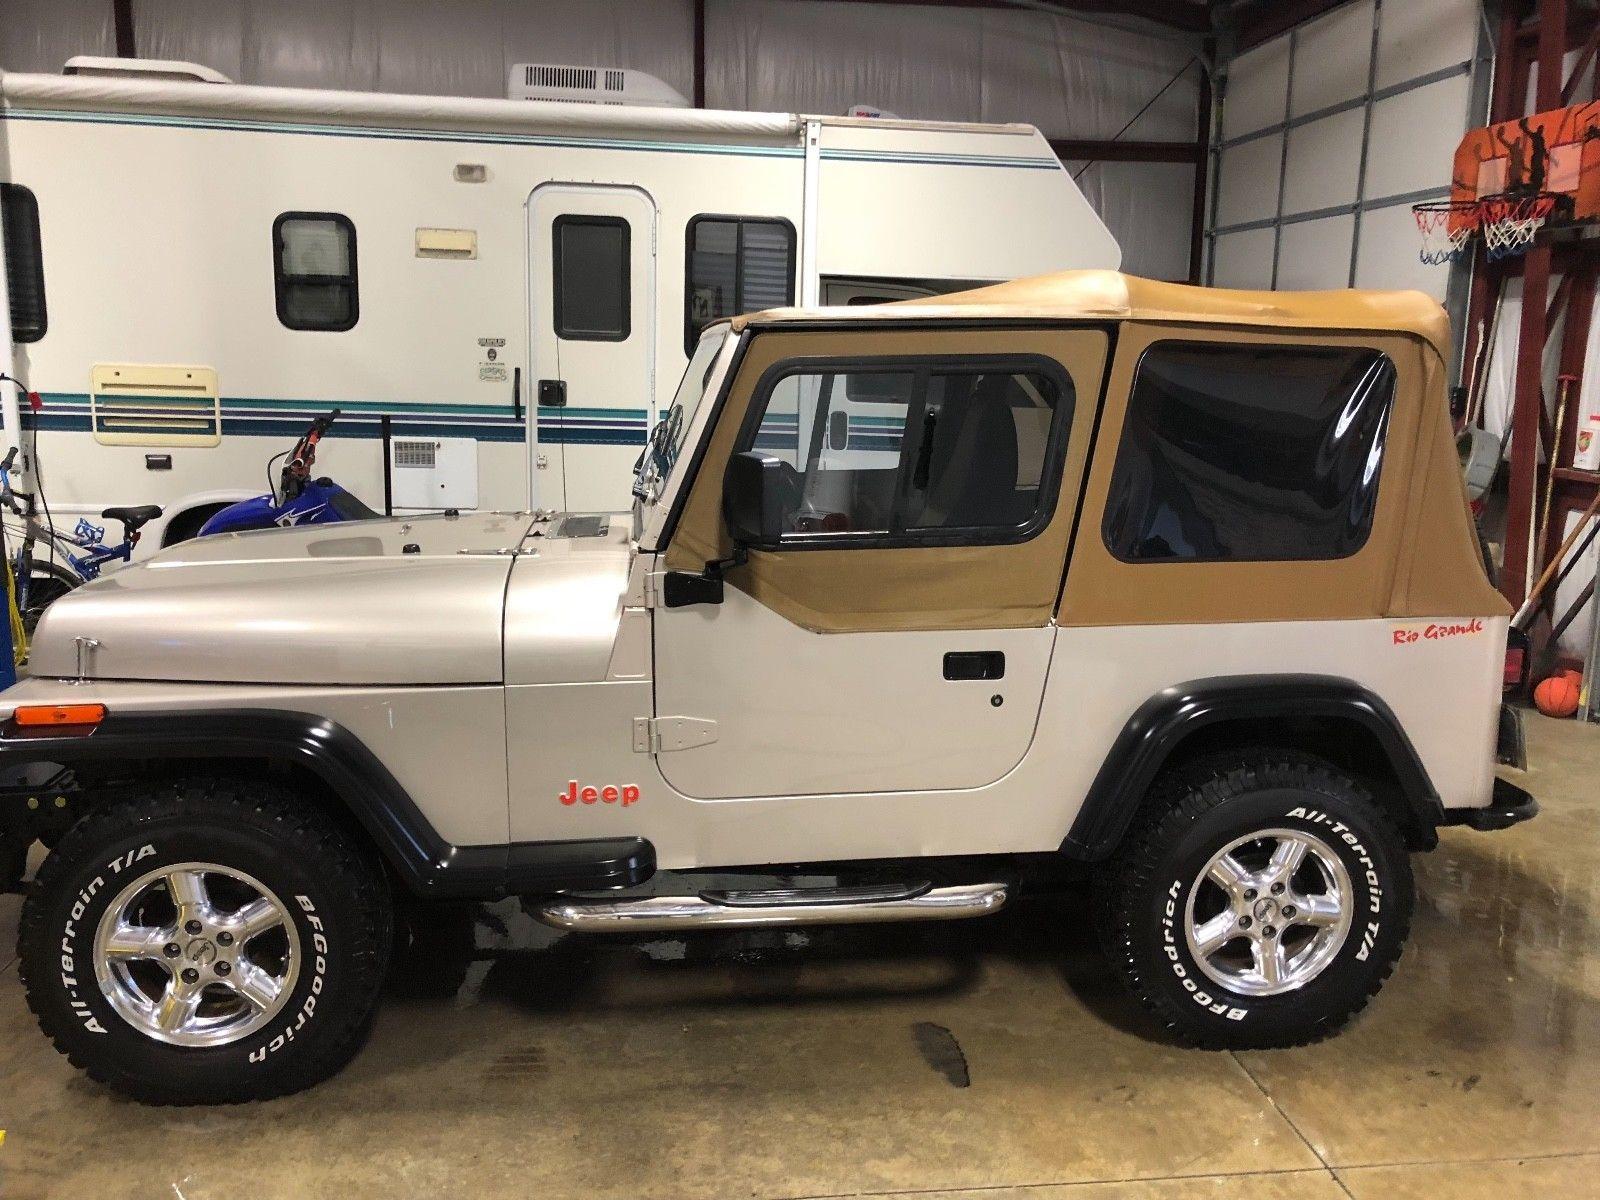 eBay: 1995 Jeep Wrangler Rio Grande 1995 Jeep Wrangler YJ ... on